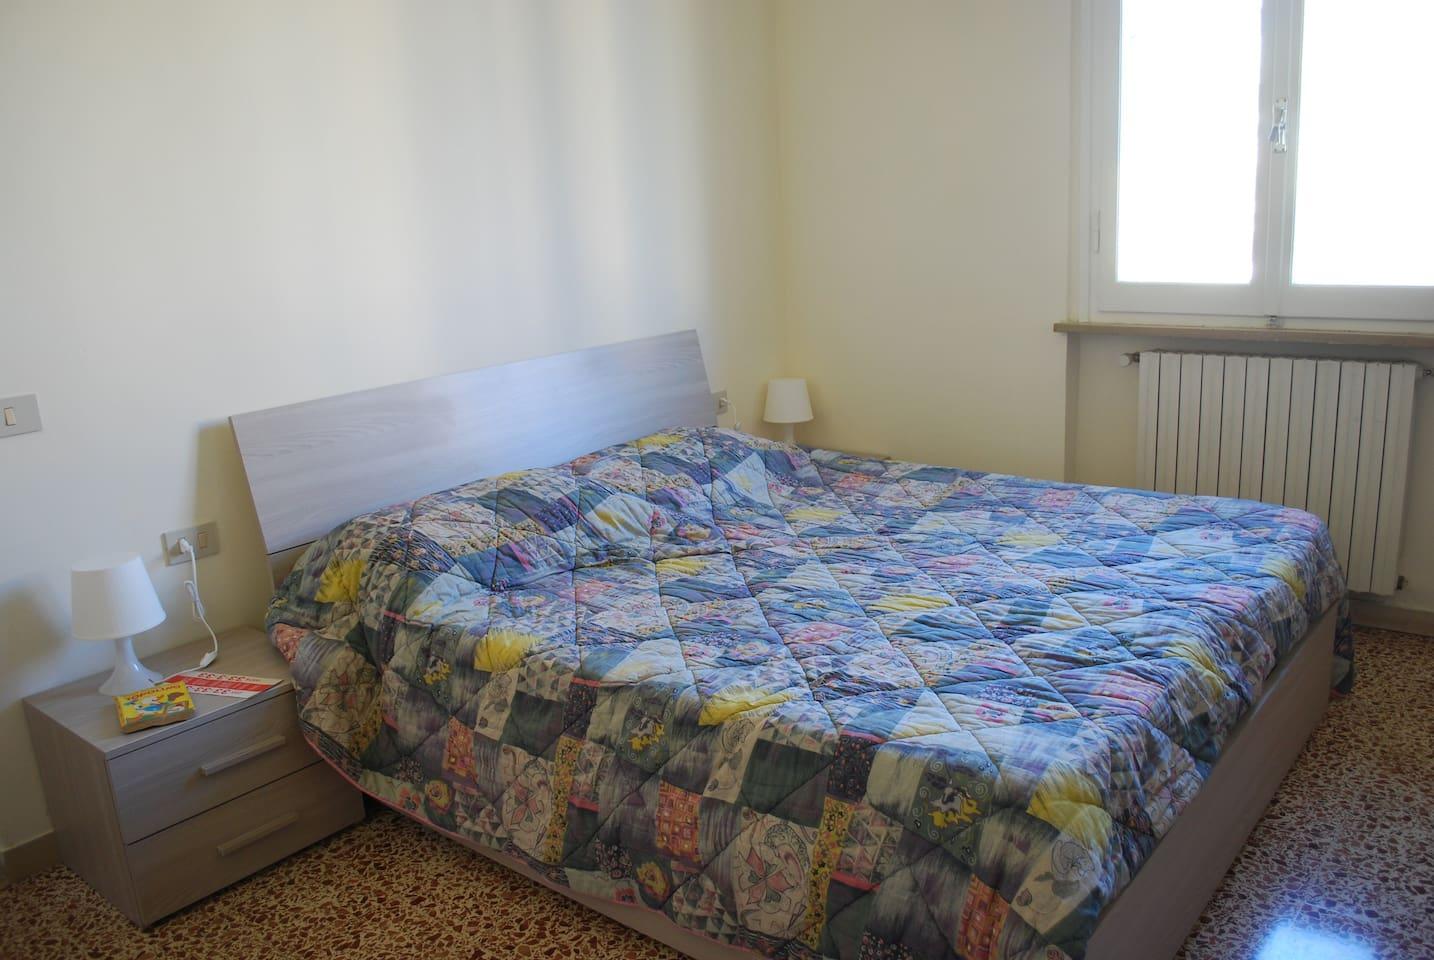 Camera da letto per gli ospiti.